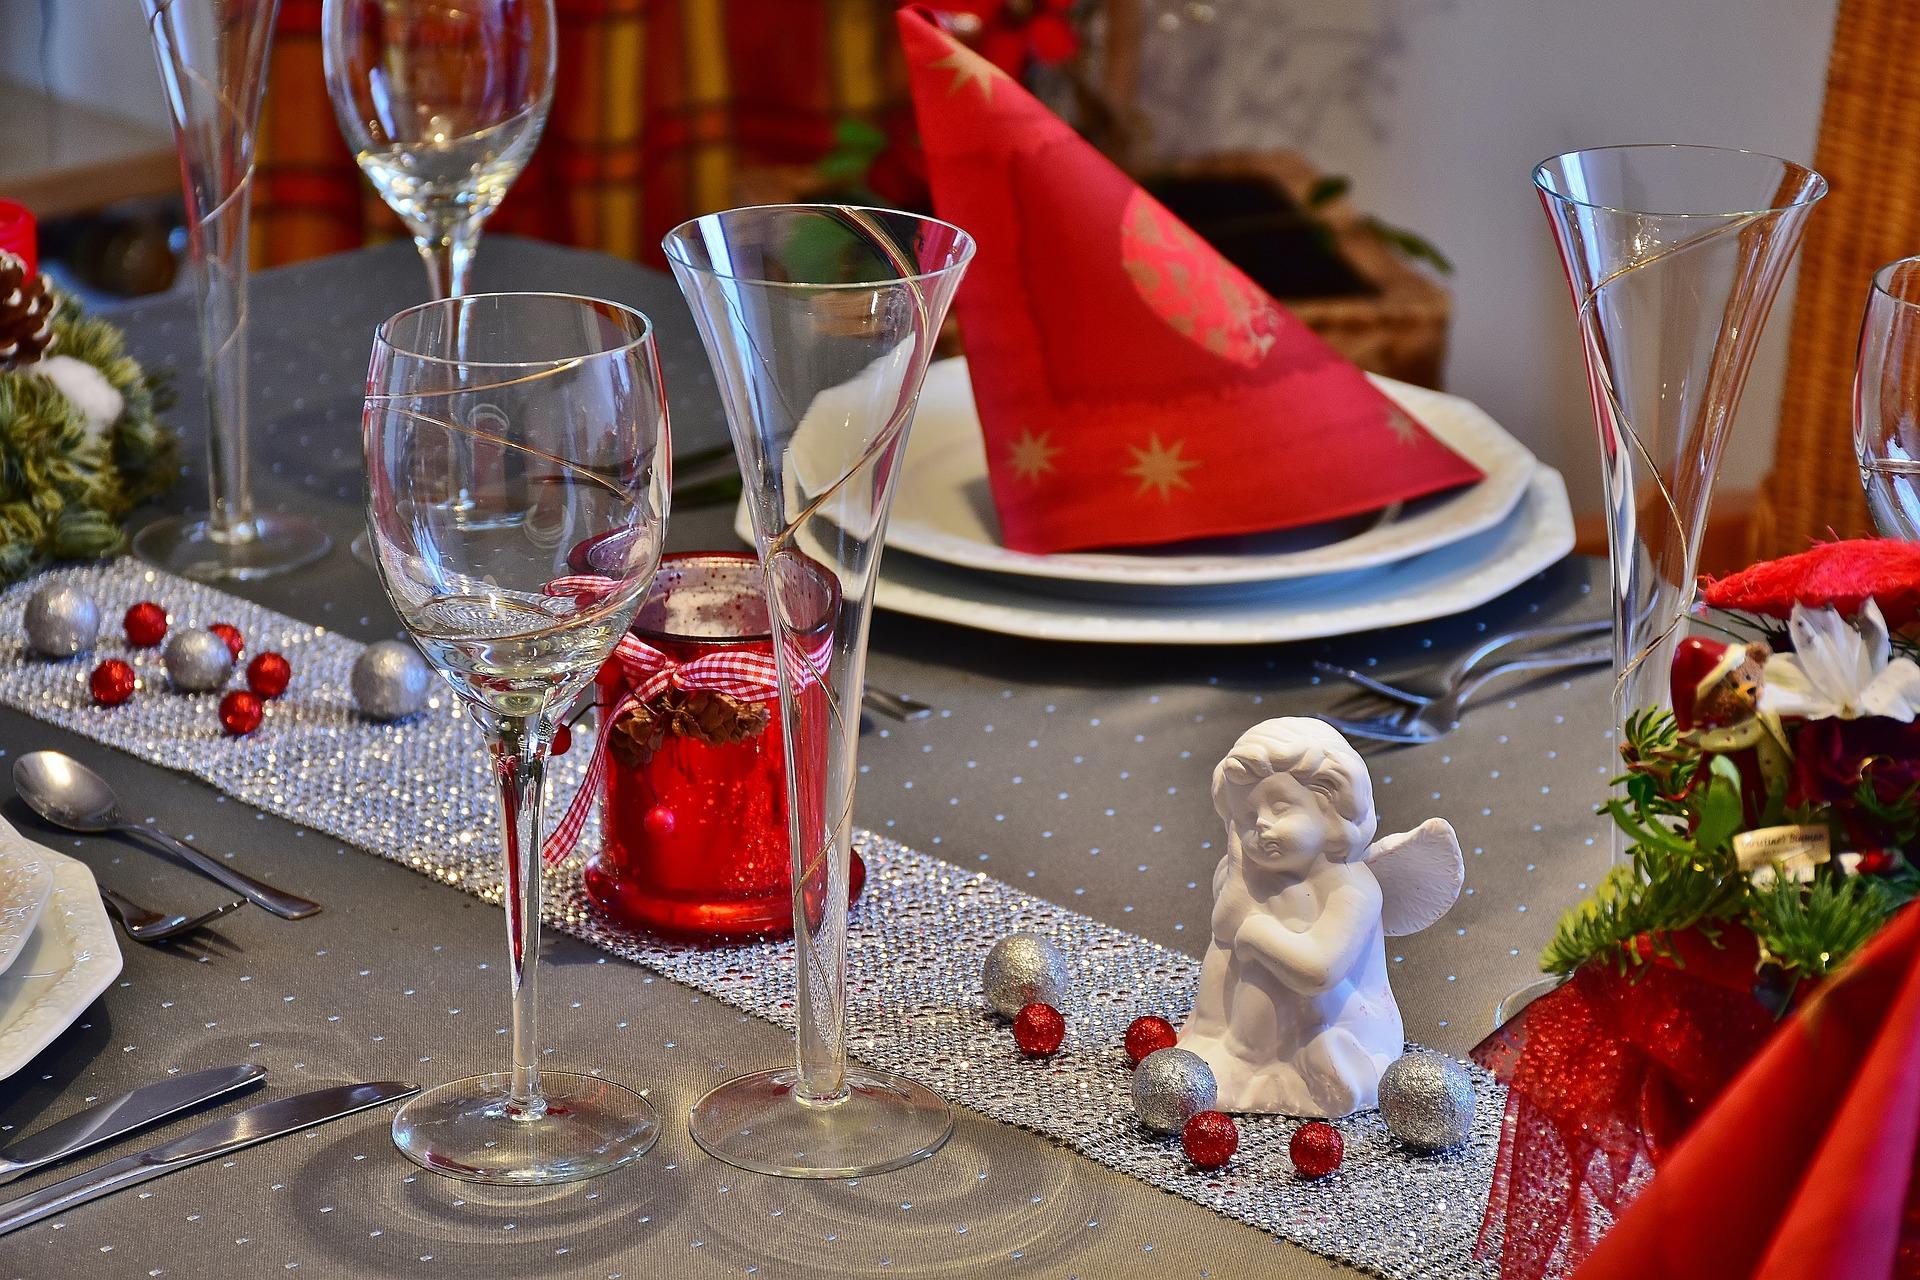 Pranzo di Natale: tradizione e ricette originali